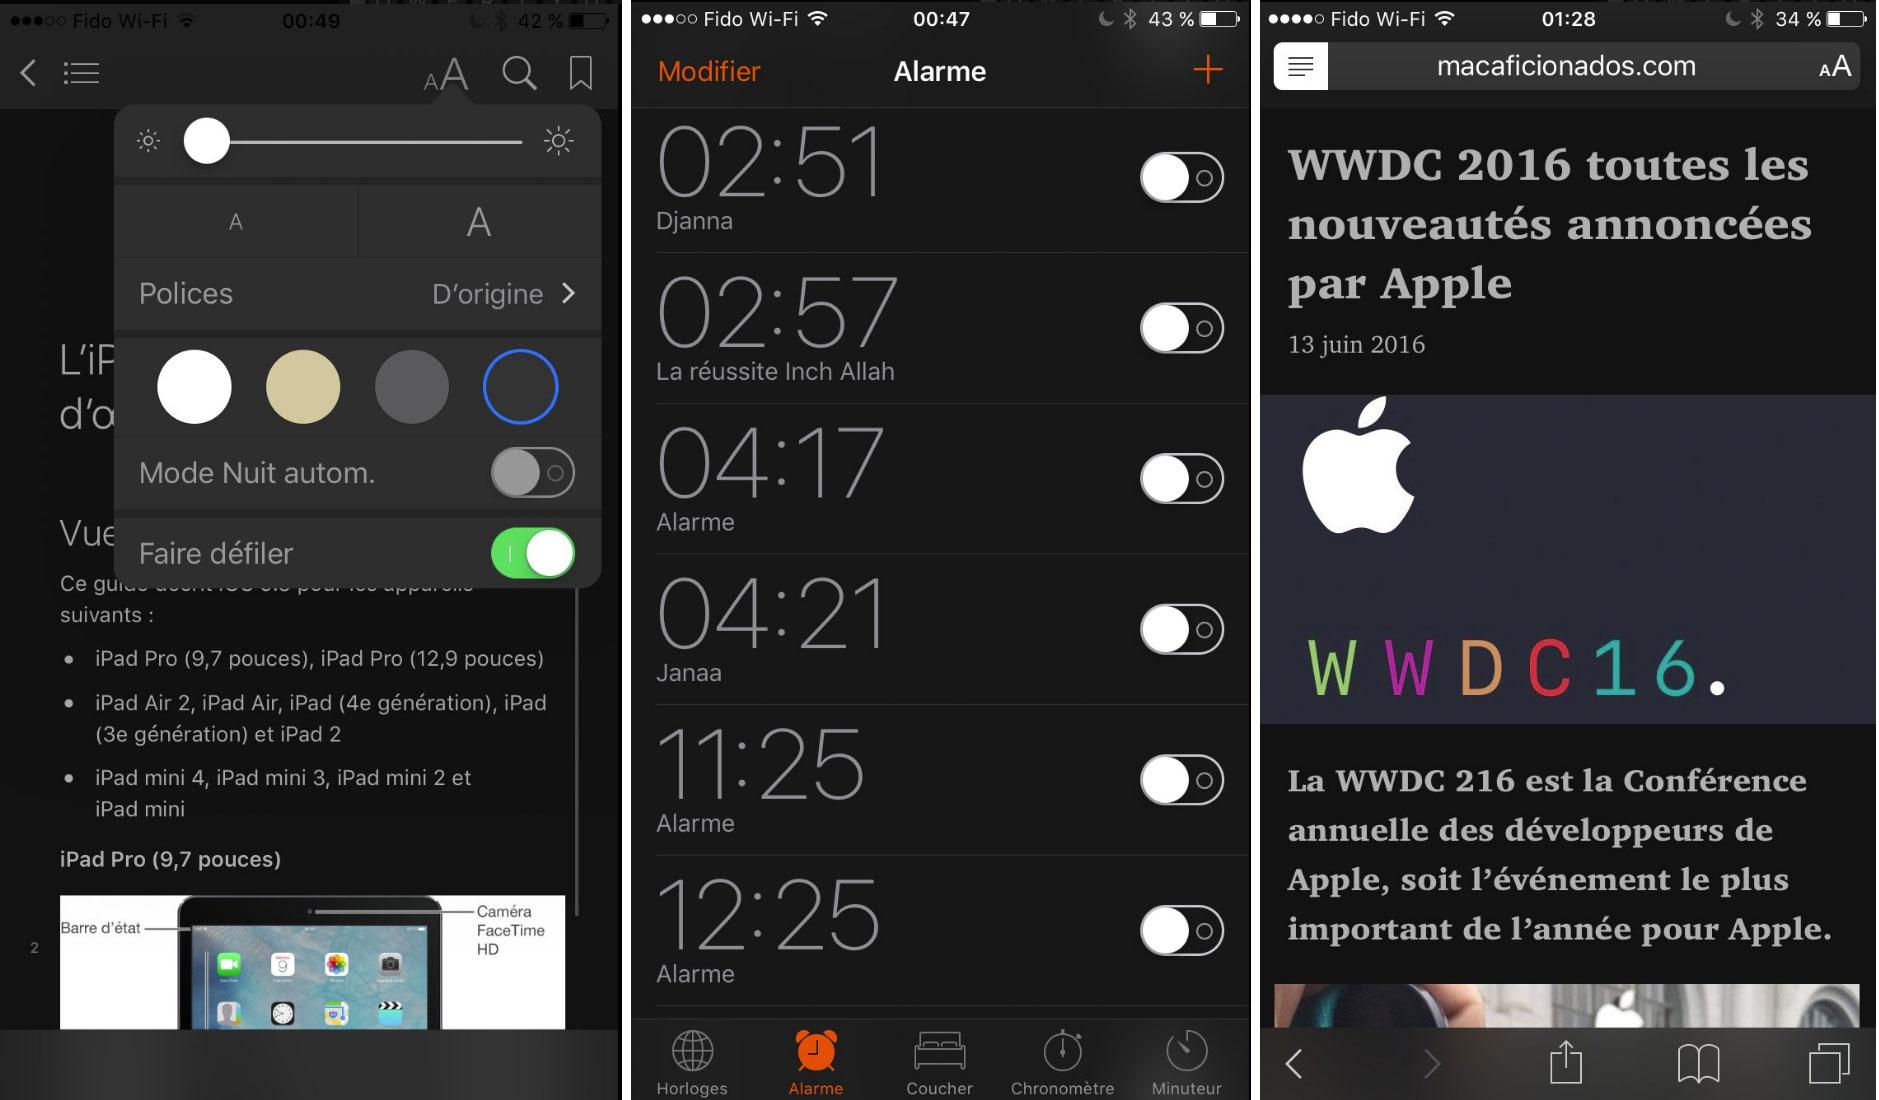 Interfaz oscura de iOS 10